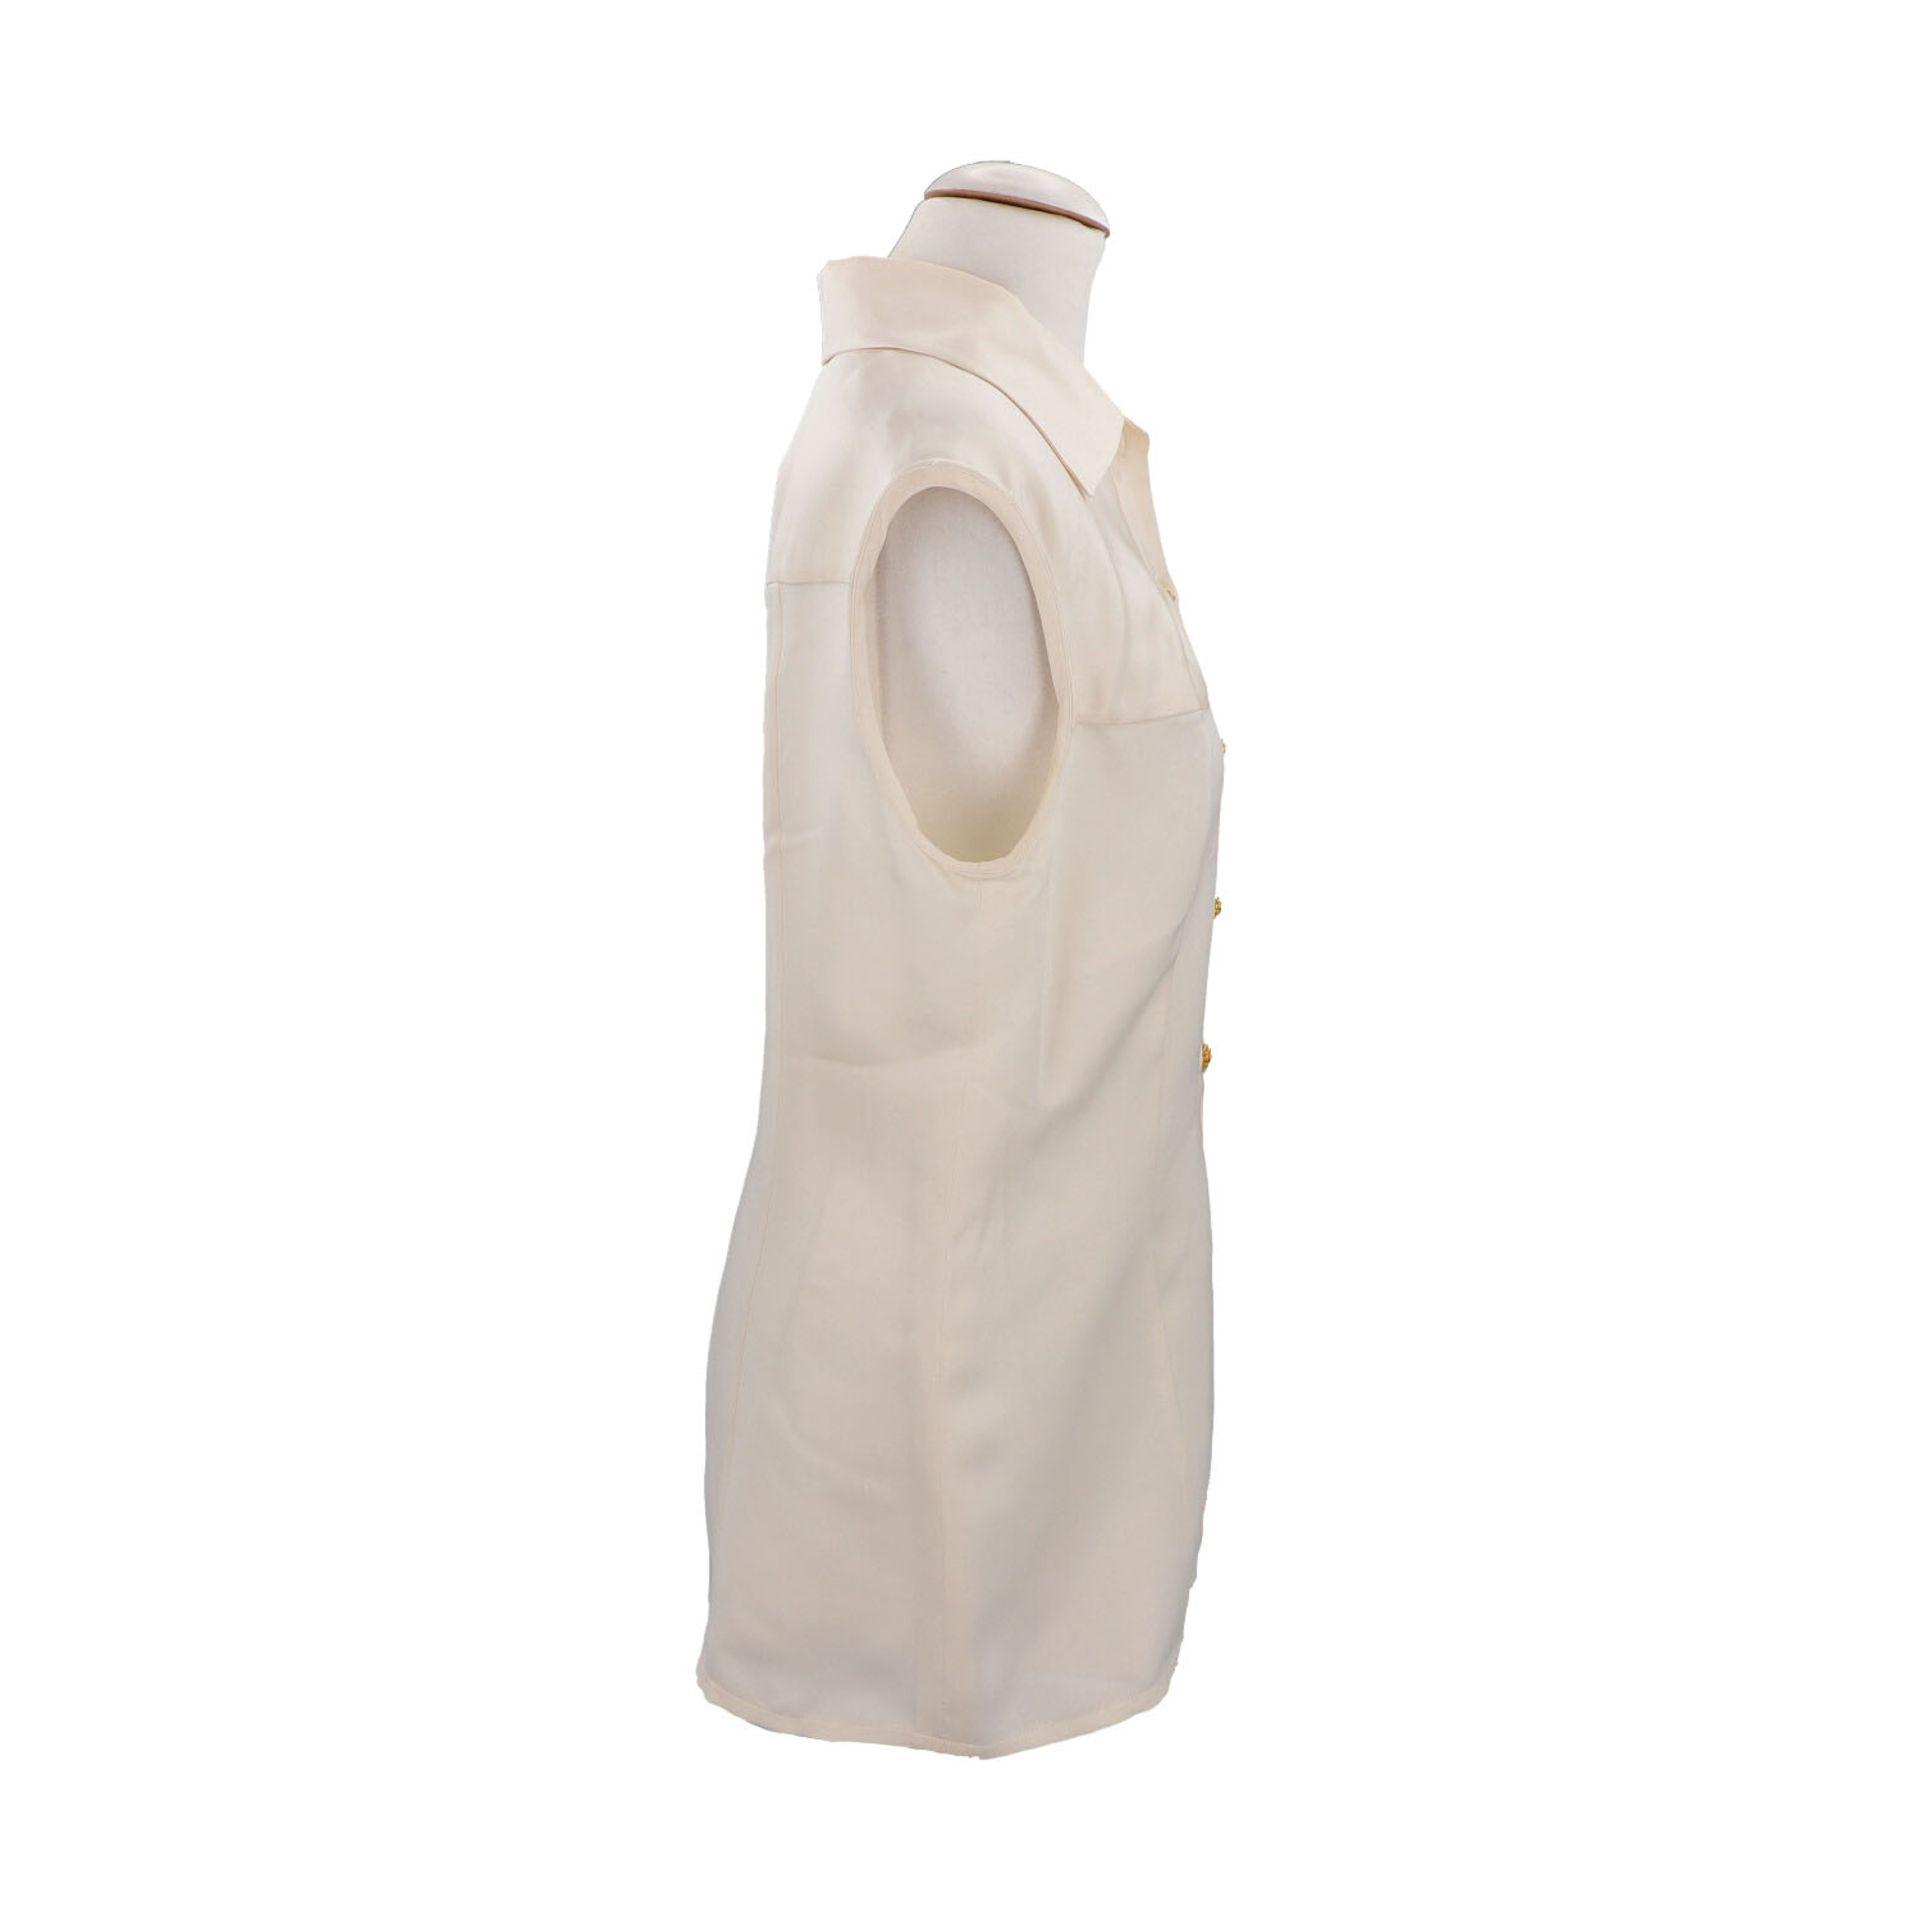 CHANEL BOUTIQUE Bluse, Gr. 42.Herstellergröße 44. Cremefarbenes Seiden-Modell mit Umlegekragen und - Bild 3 aus 4